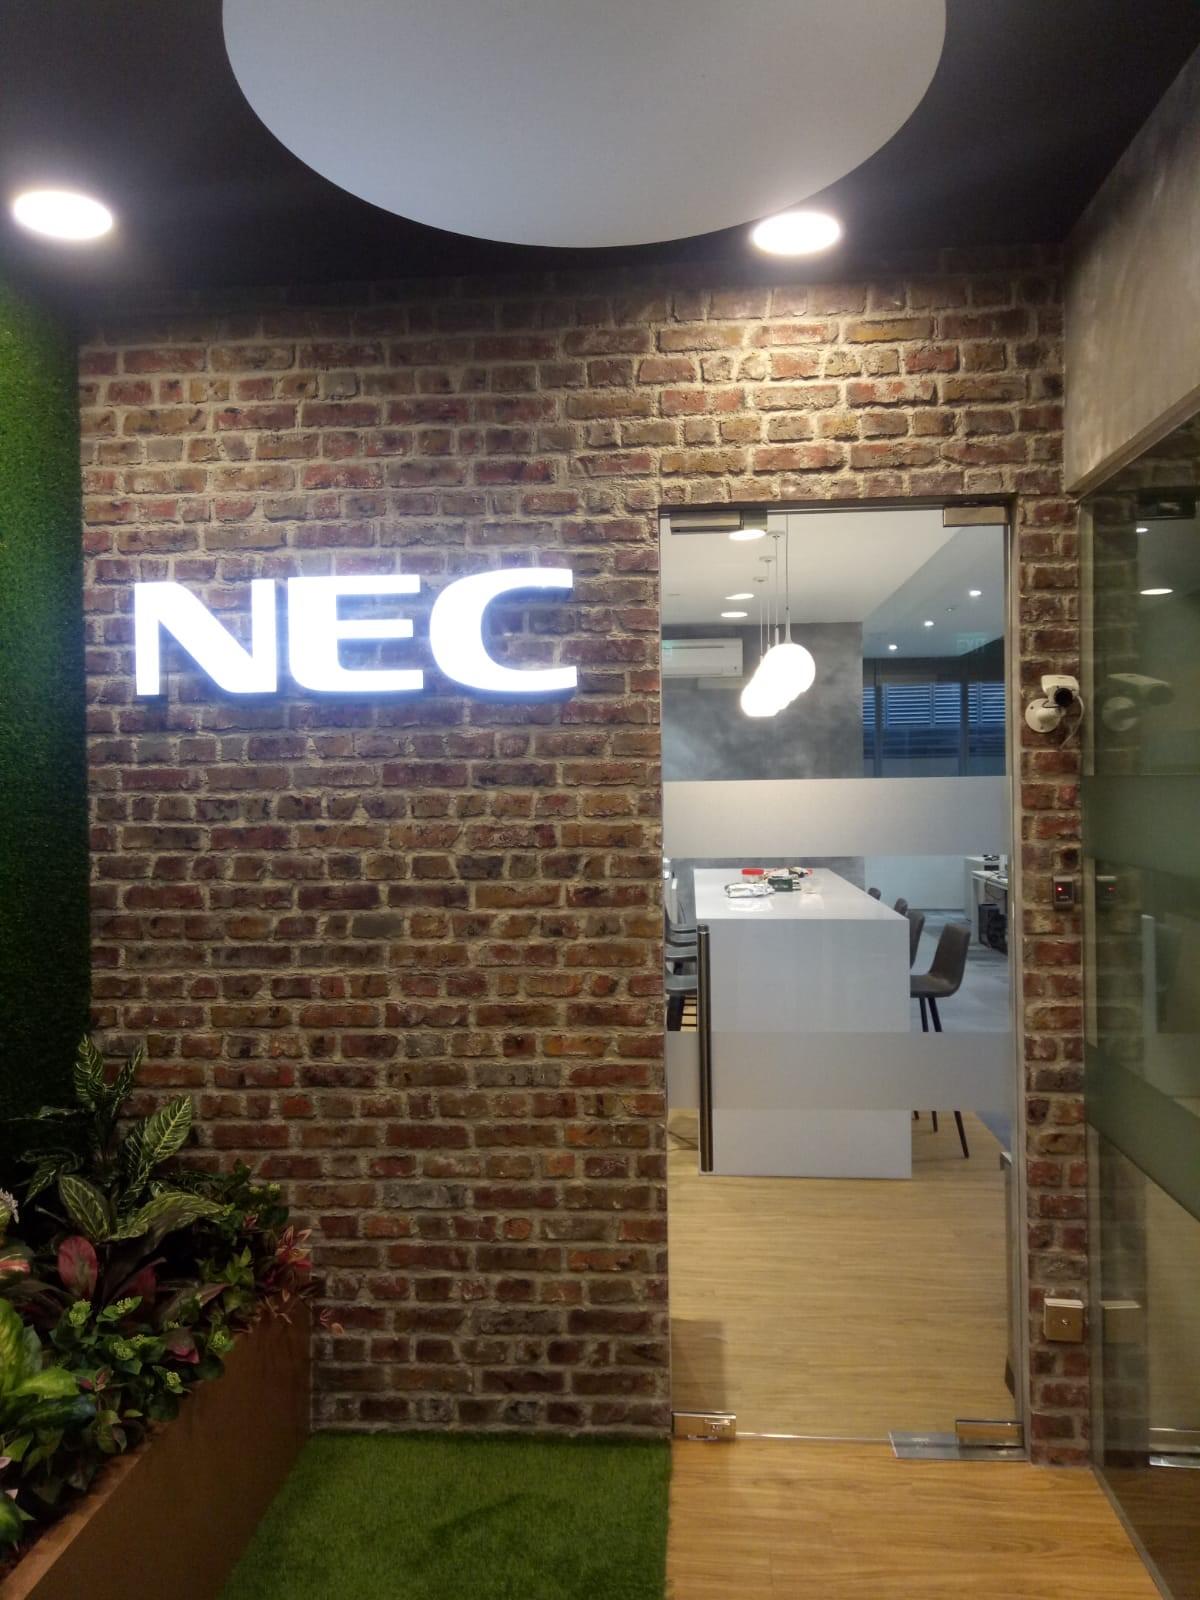 NEC Singapore